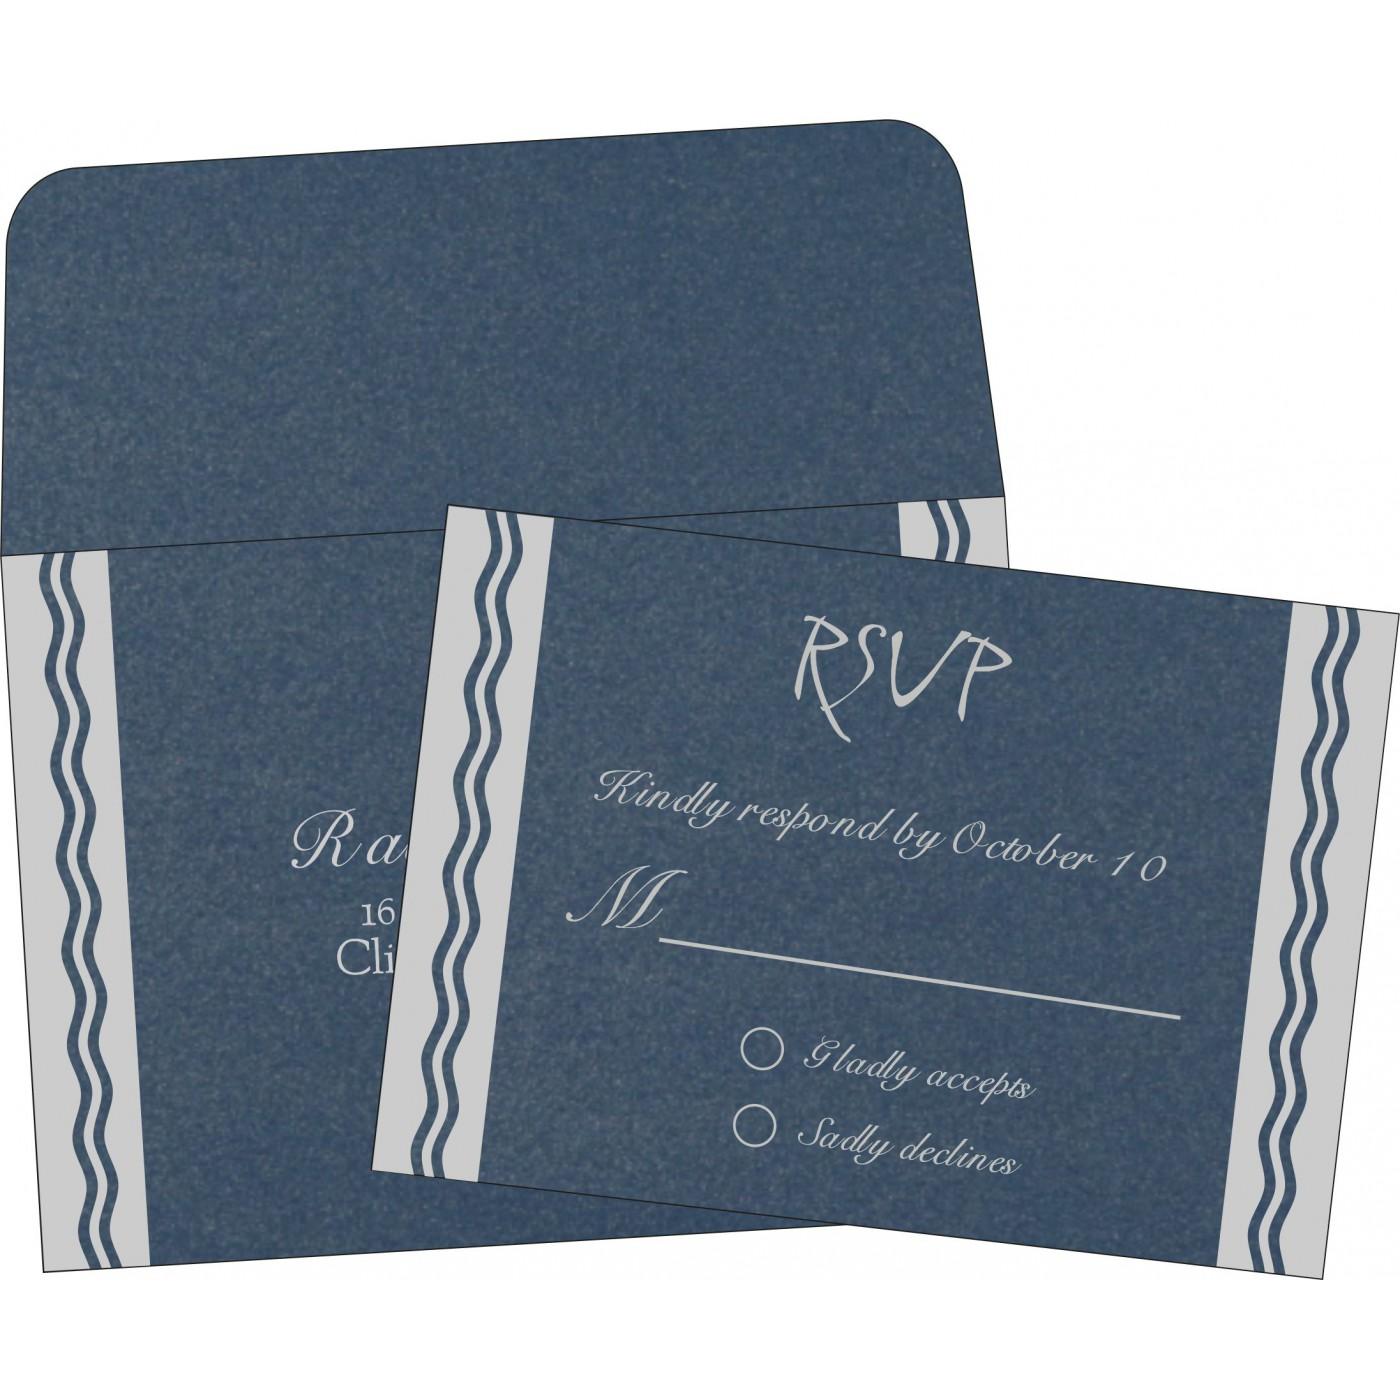 RSVP Cards - RSVP-2179